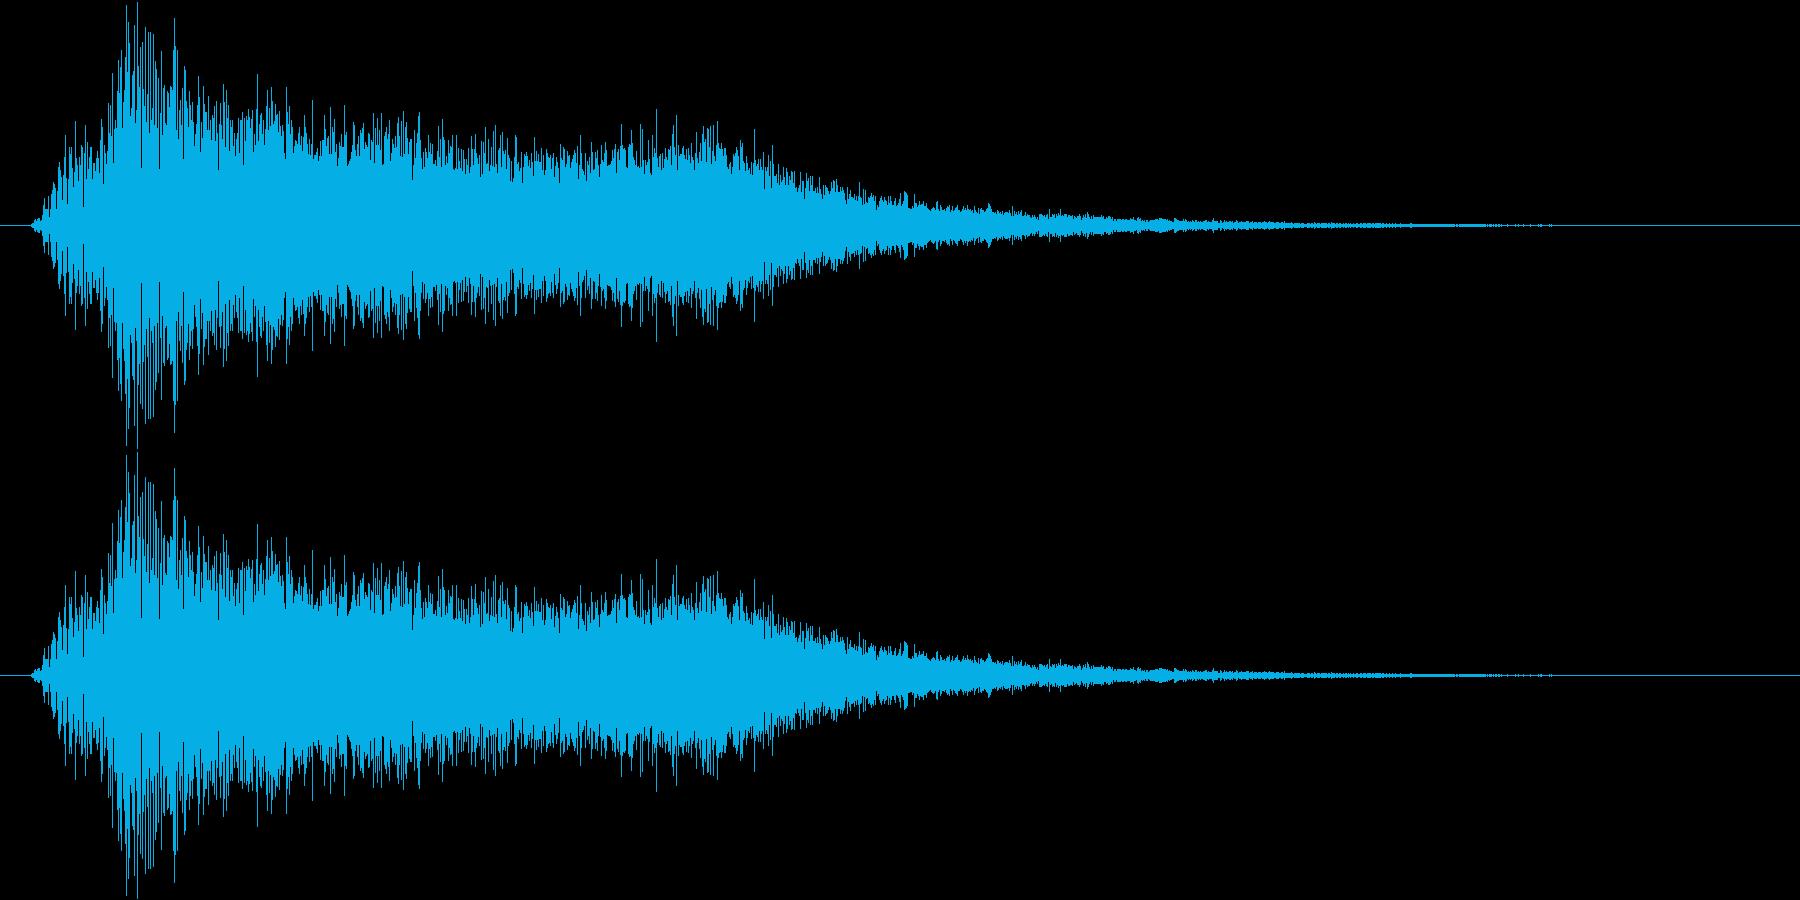 サウンドロゴ17の再生済みの波形